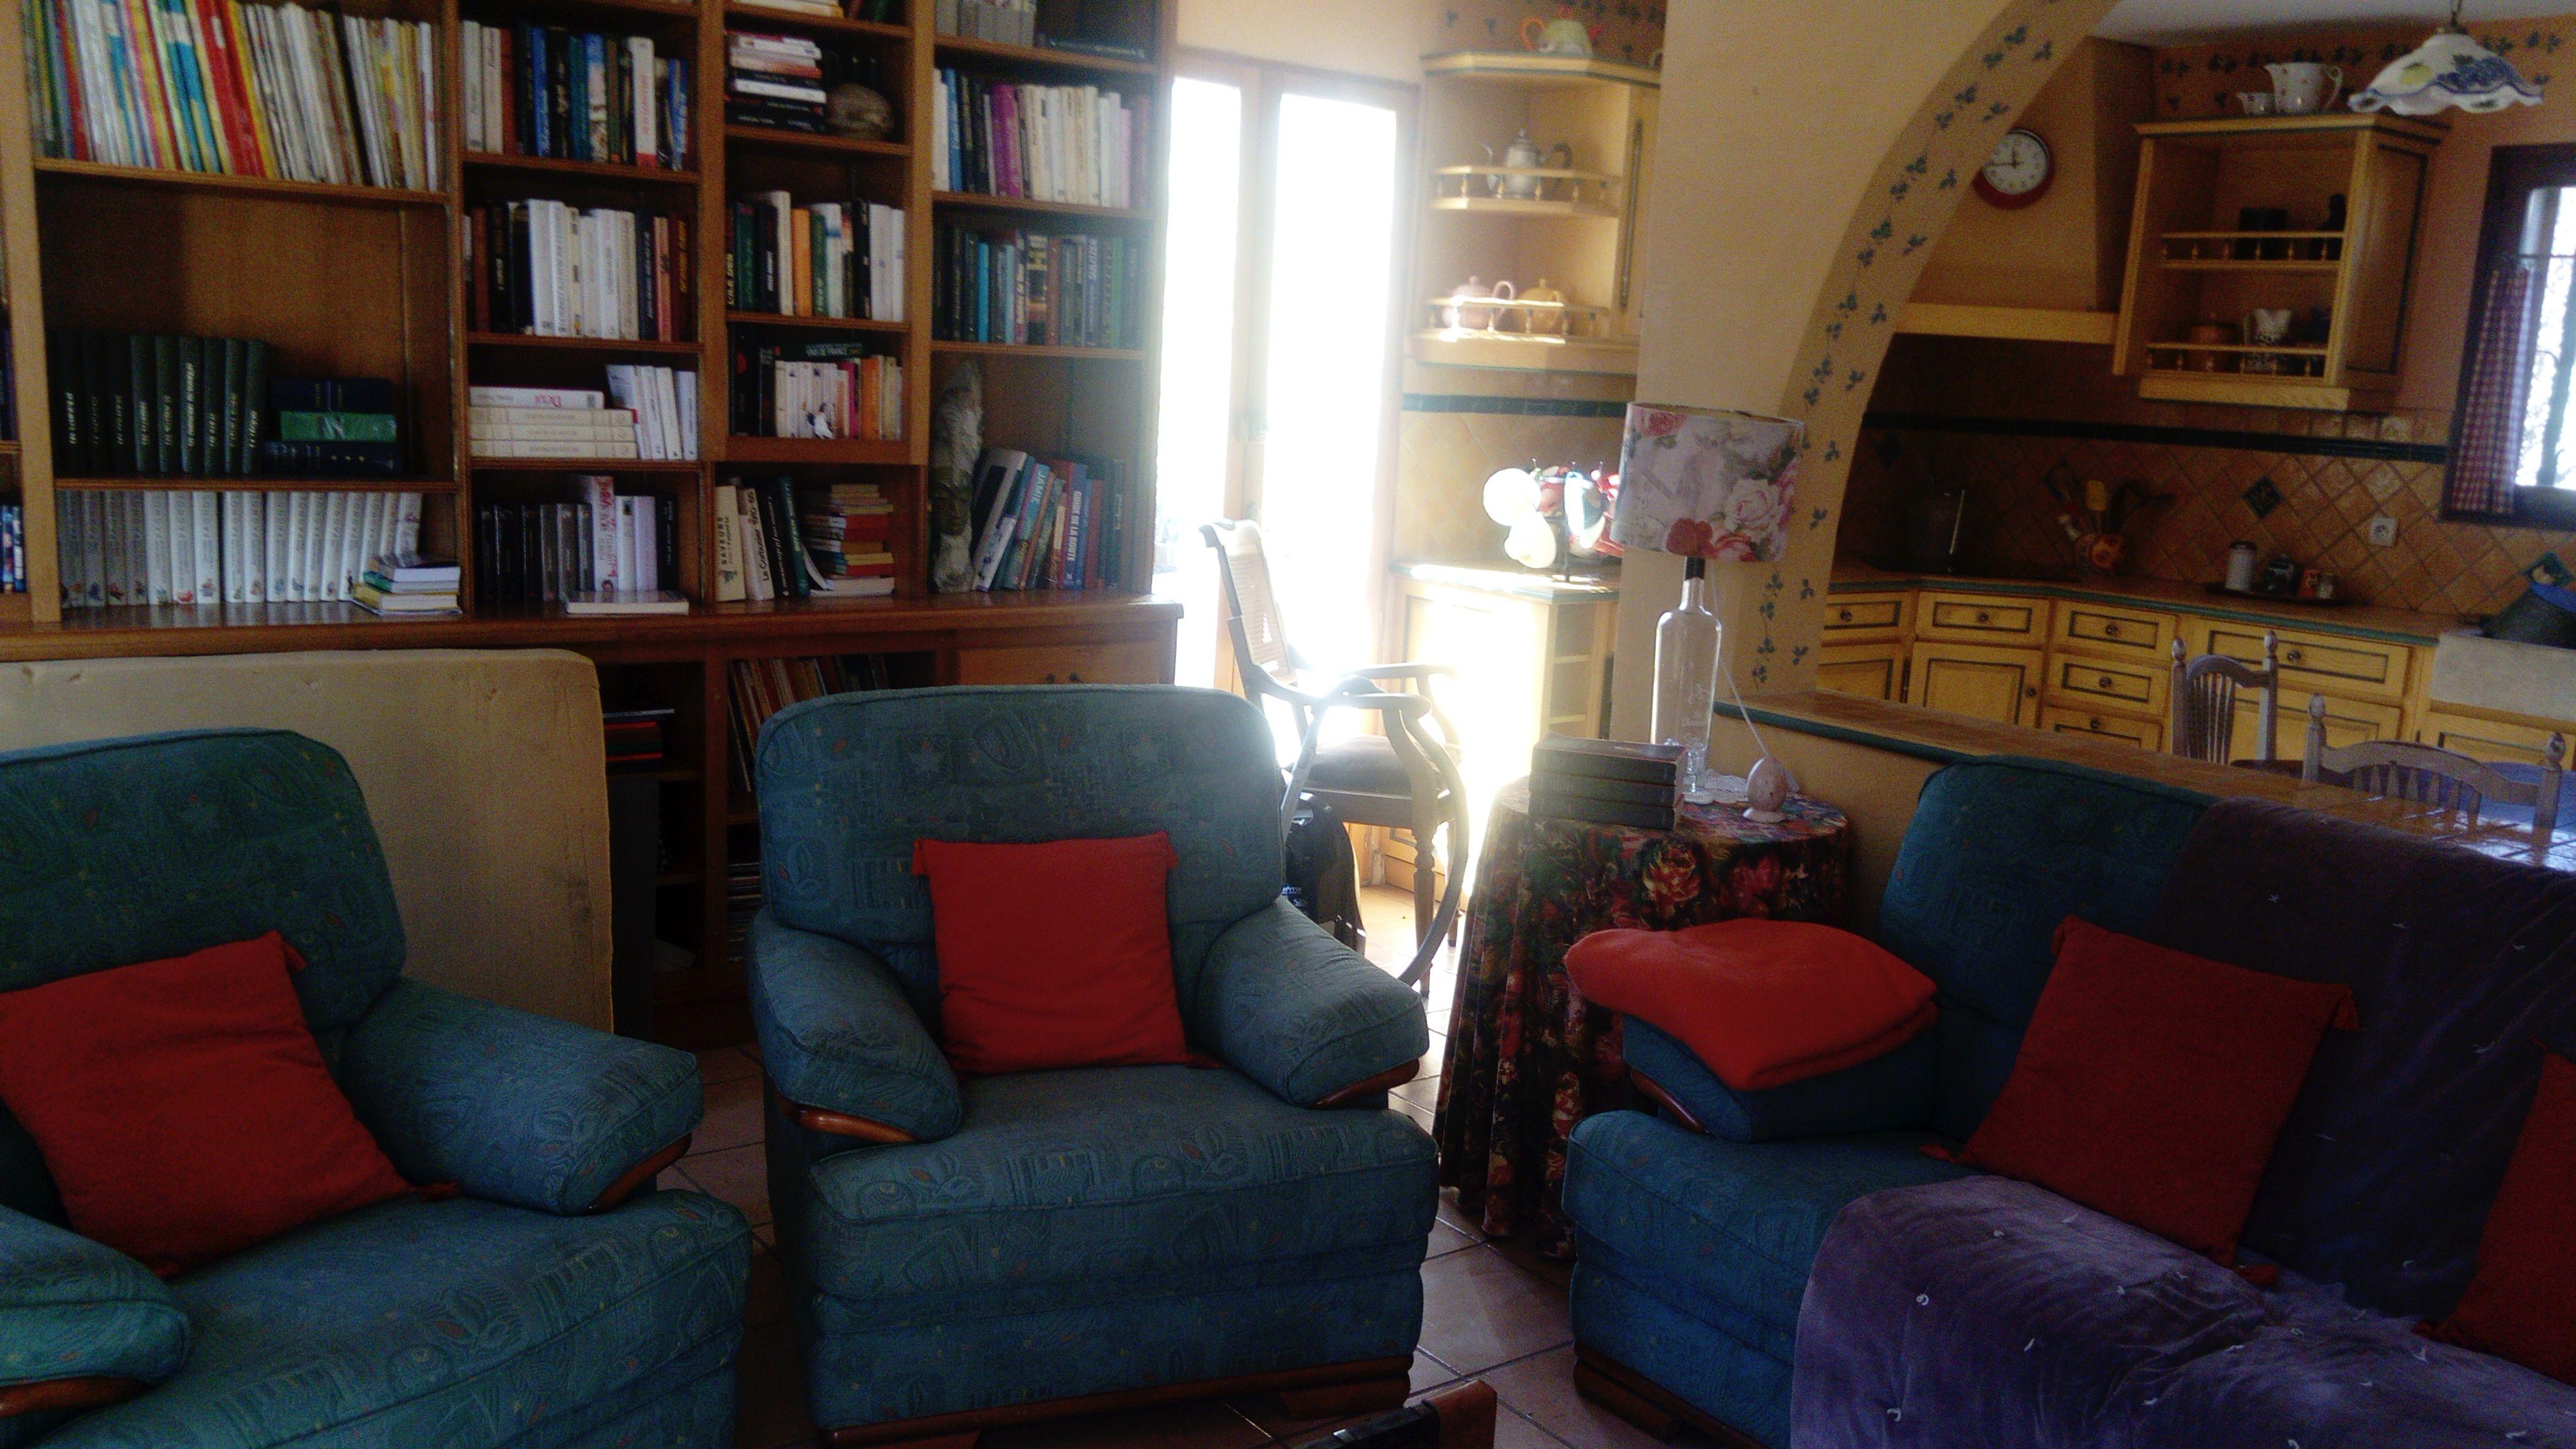 Colocation Apt FEMME & Location Chambre à louer Apt FEMME | Loue chambre meublée Apt FEMME | Logement Apt FEMME